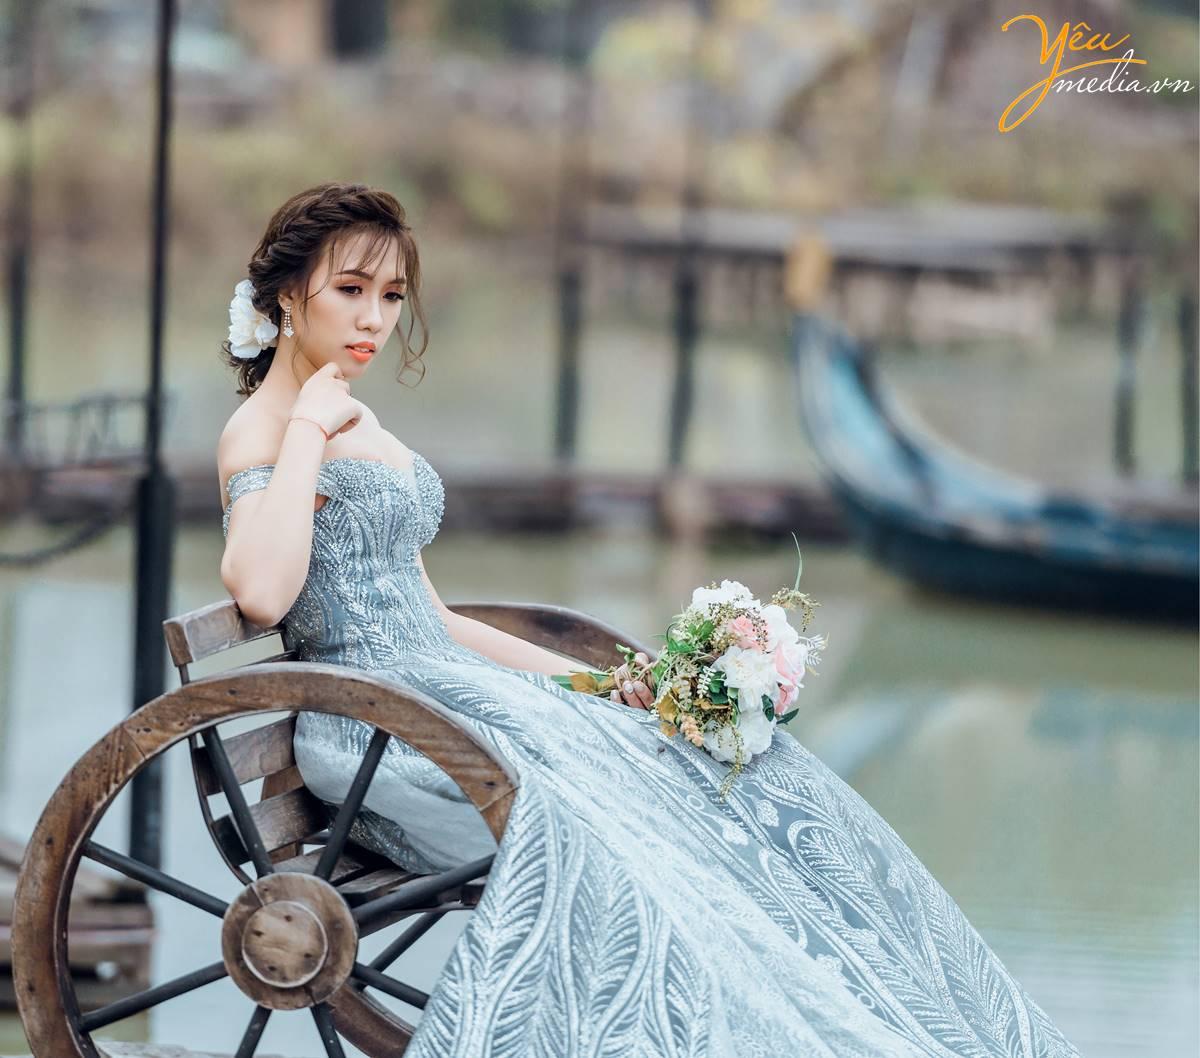 Dịch vụ chụp ảnh cưới ekip chuyên nghiệp tại phim trường Smiley HN